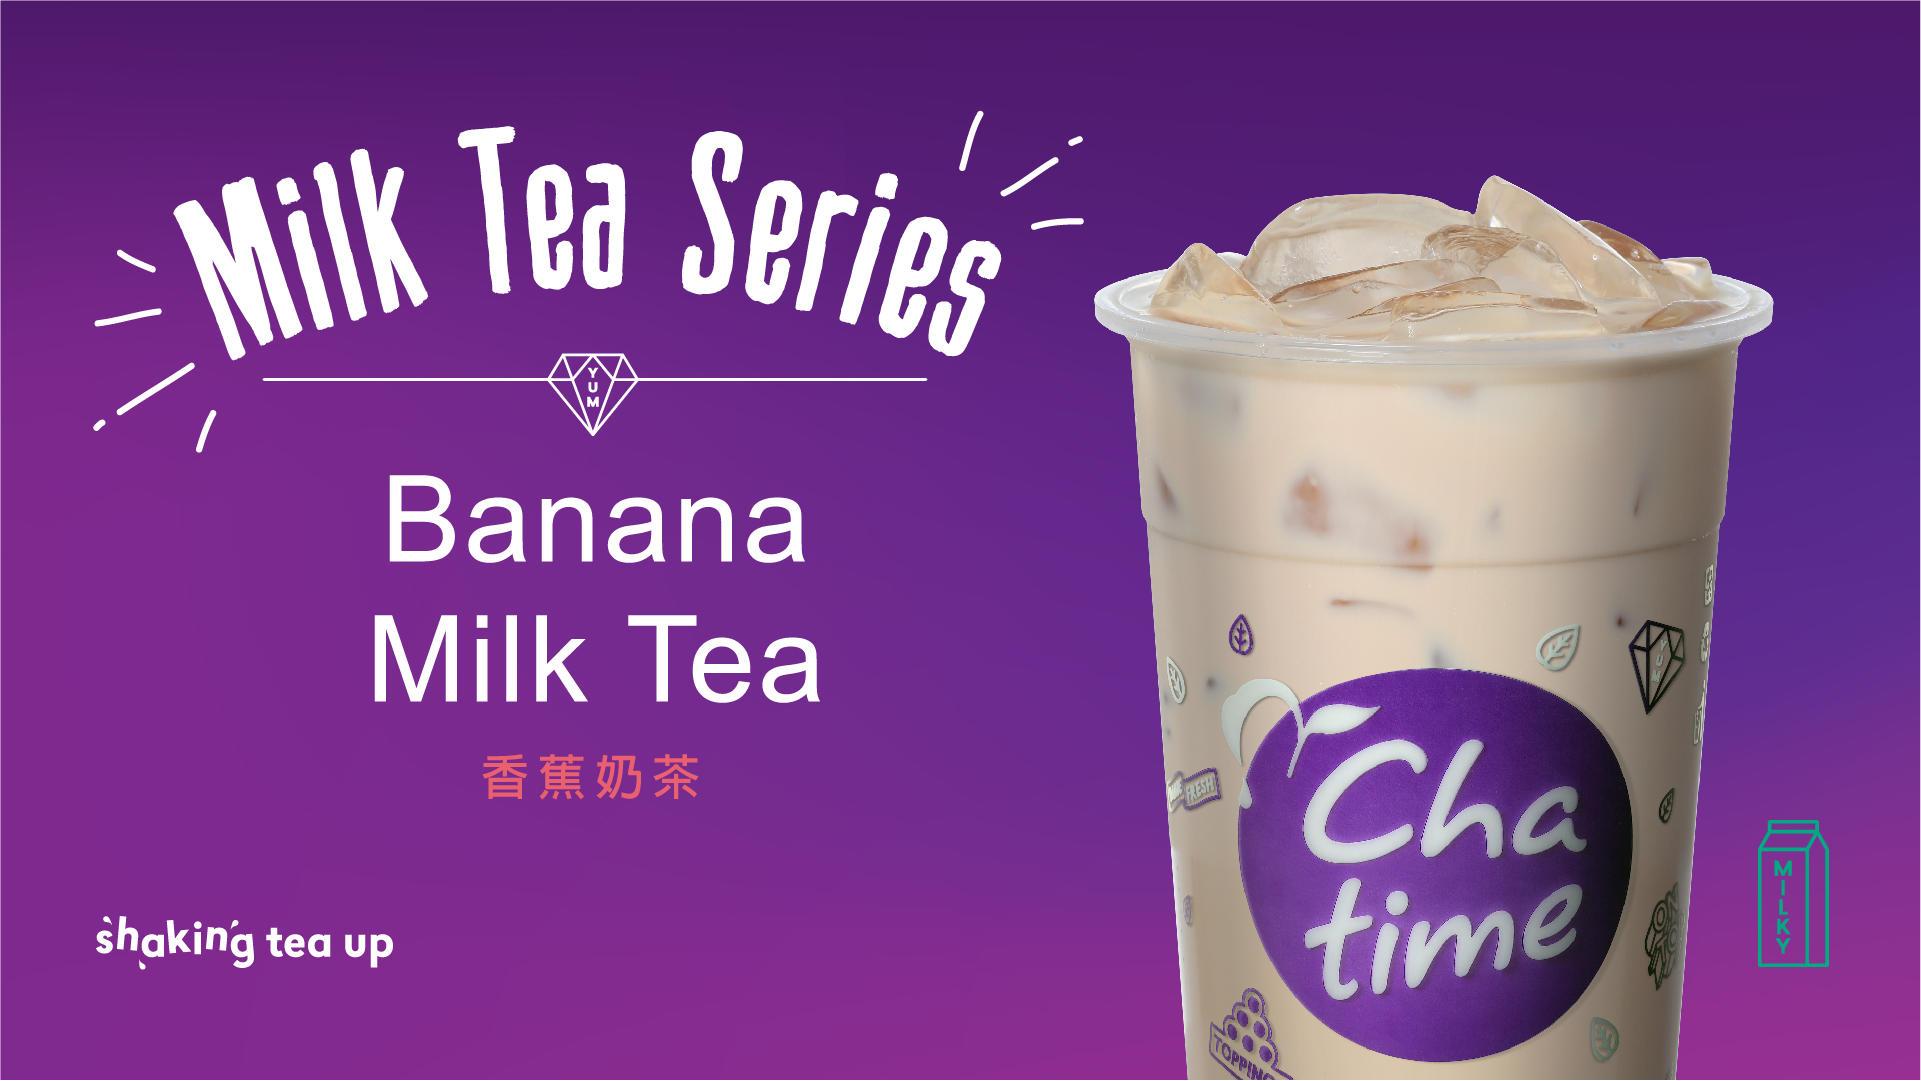 Chatime Bubble Tea & Slurping Noodles image 48